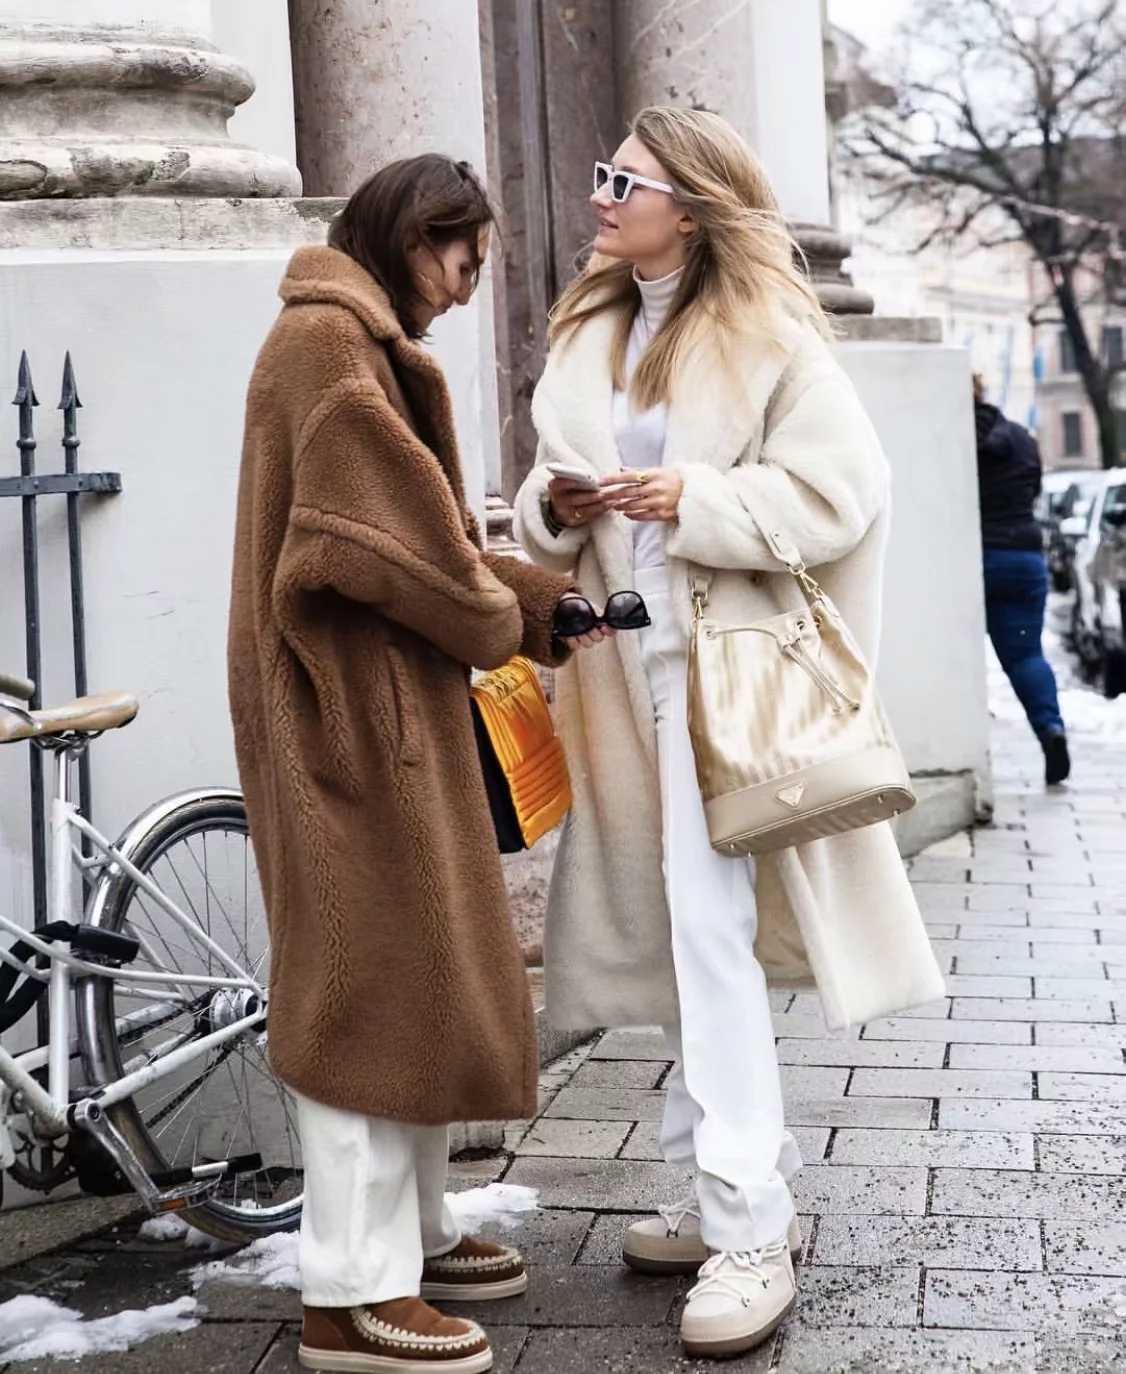 Inverno do falso casacos de pele das mulheres longo casaco de manga comprida quente jaqueta de lã de cordeiro coreano grosso quente lapela casaco 2019 inverno casaco de pele